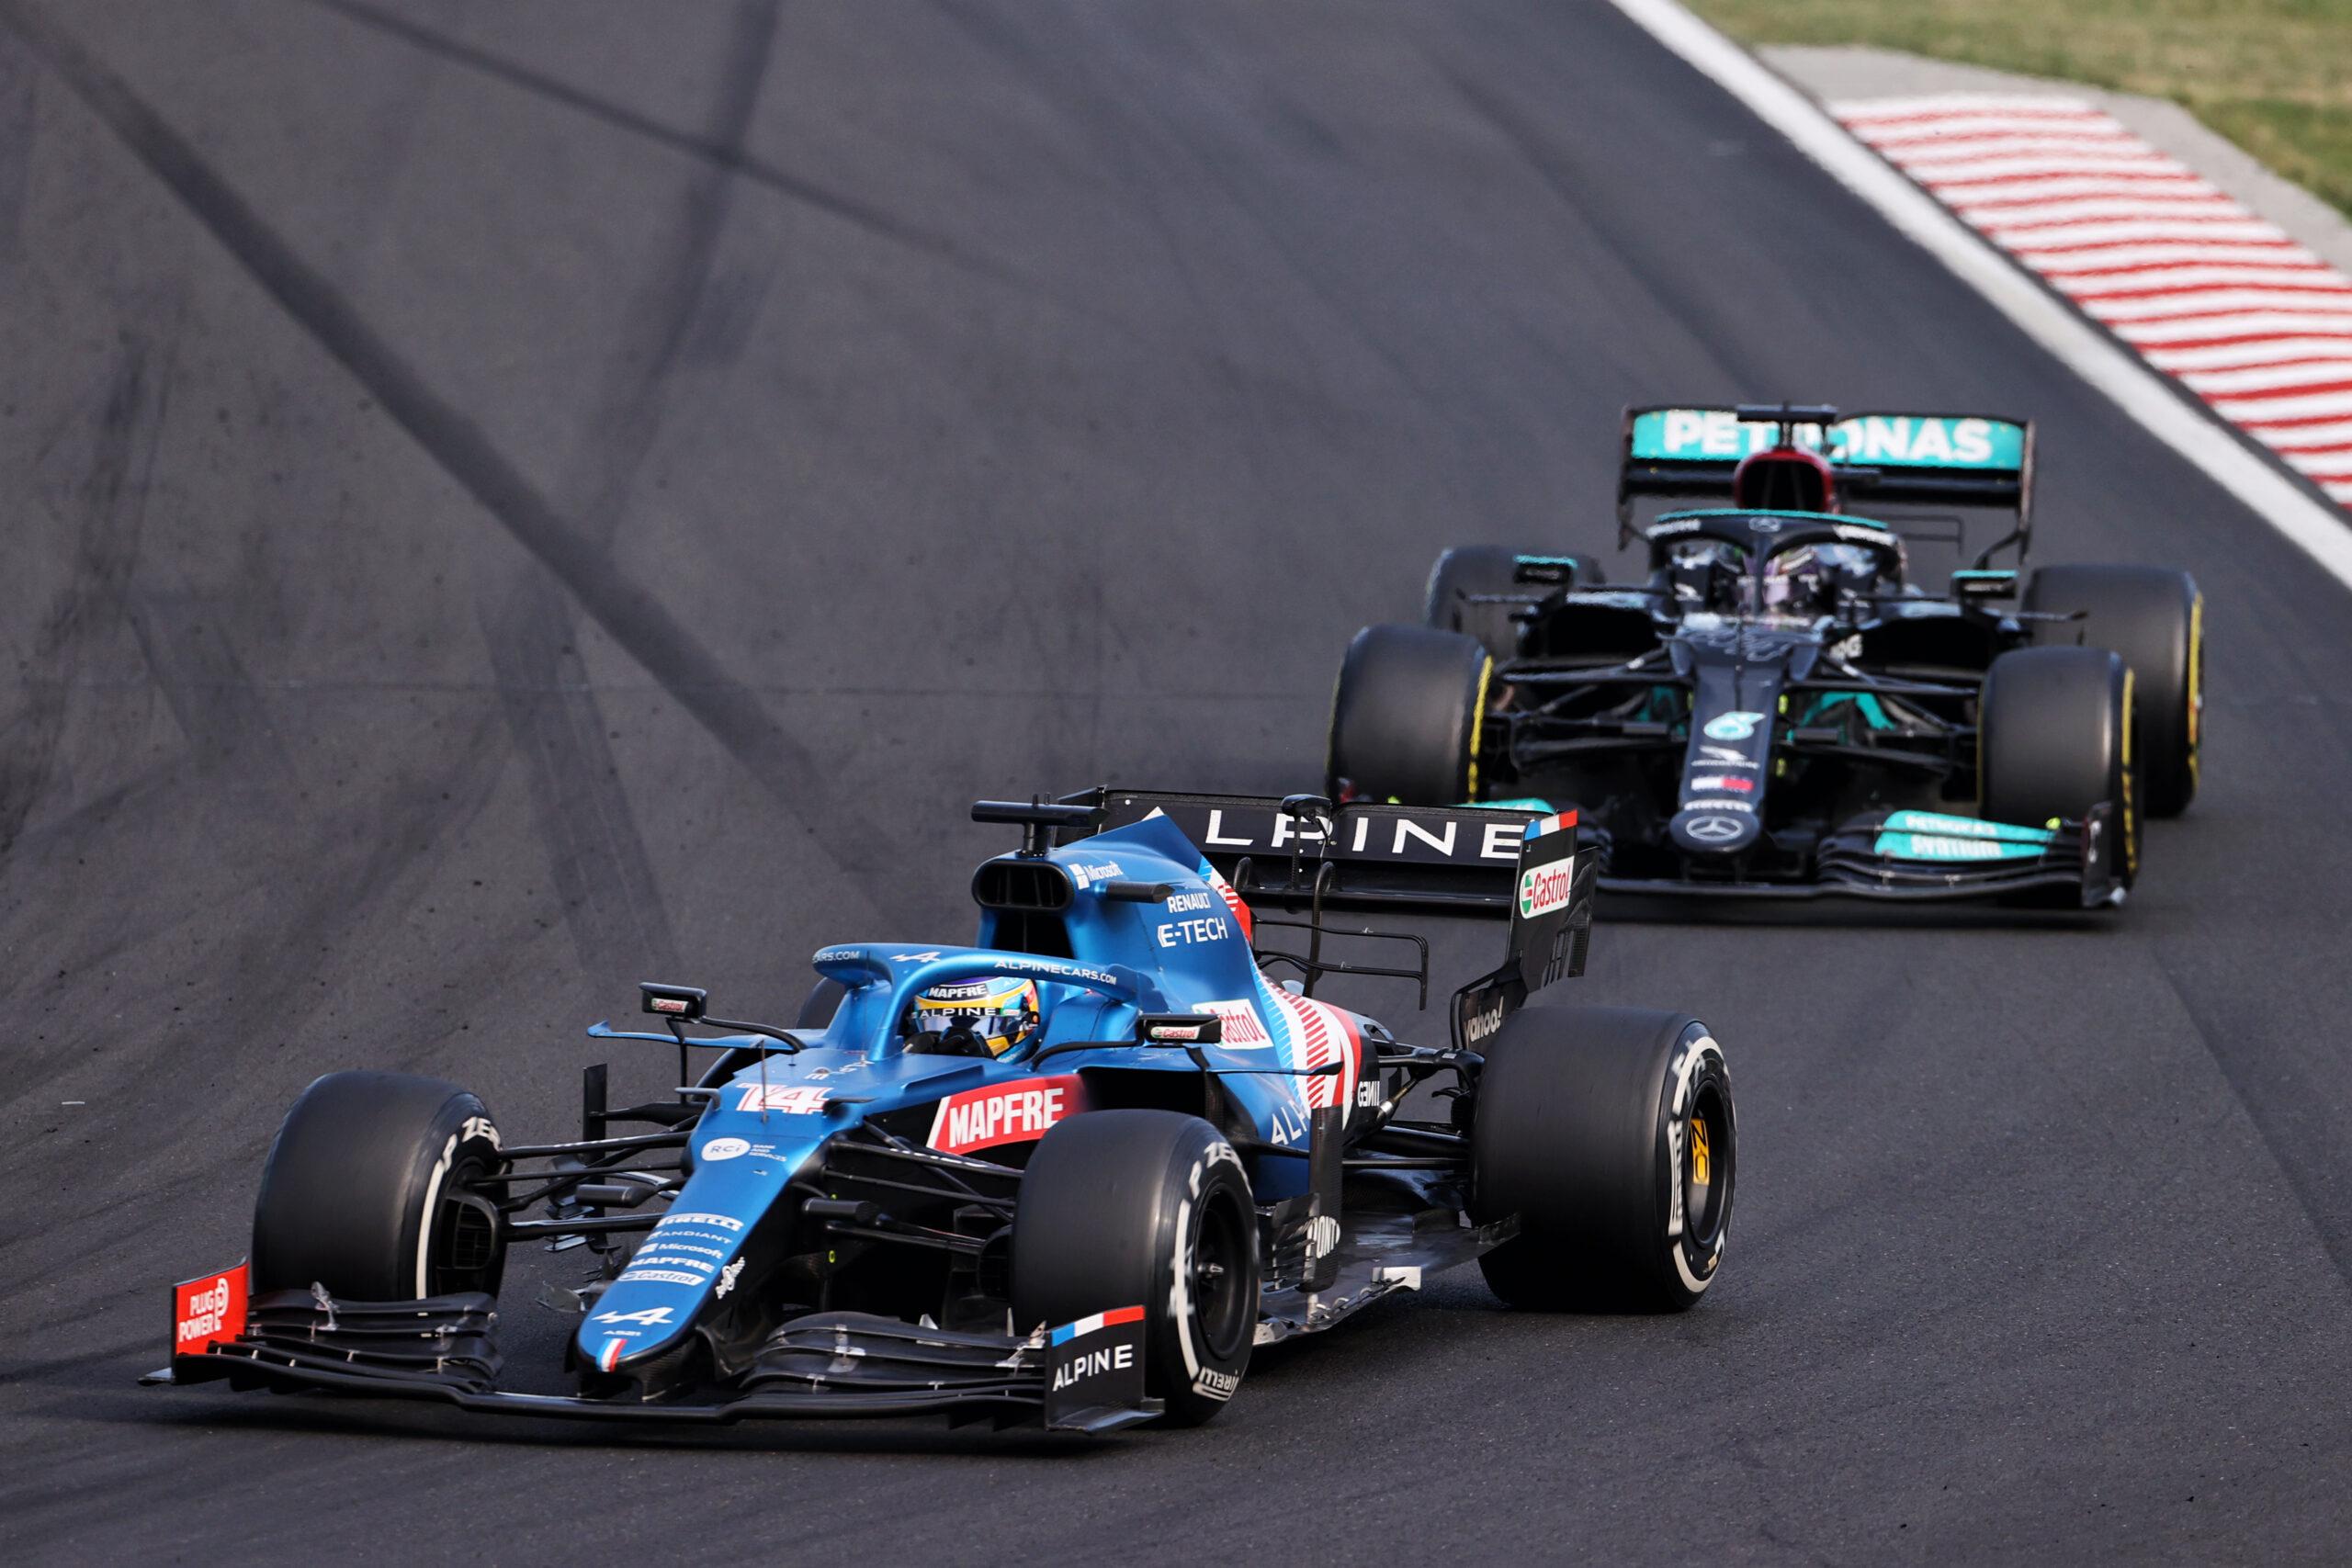 """F1 - Ross Brawn salue la """"bataille royale"""" entre Hamilton et Alonso"""